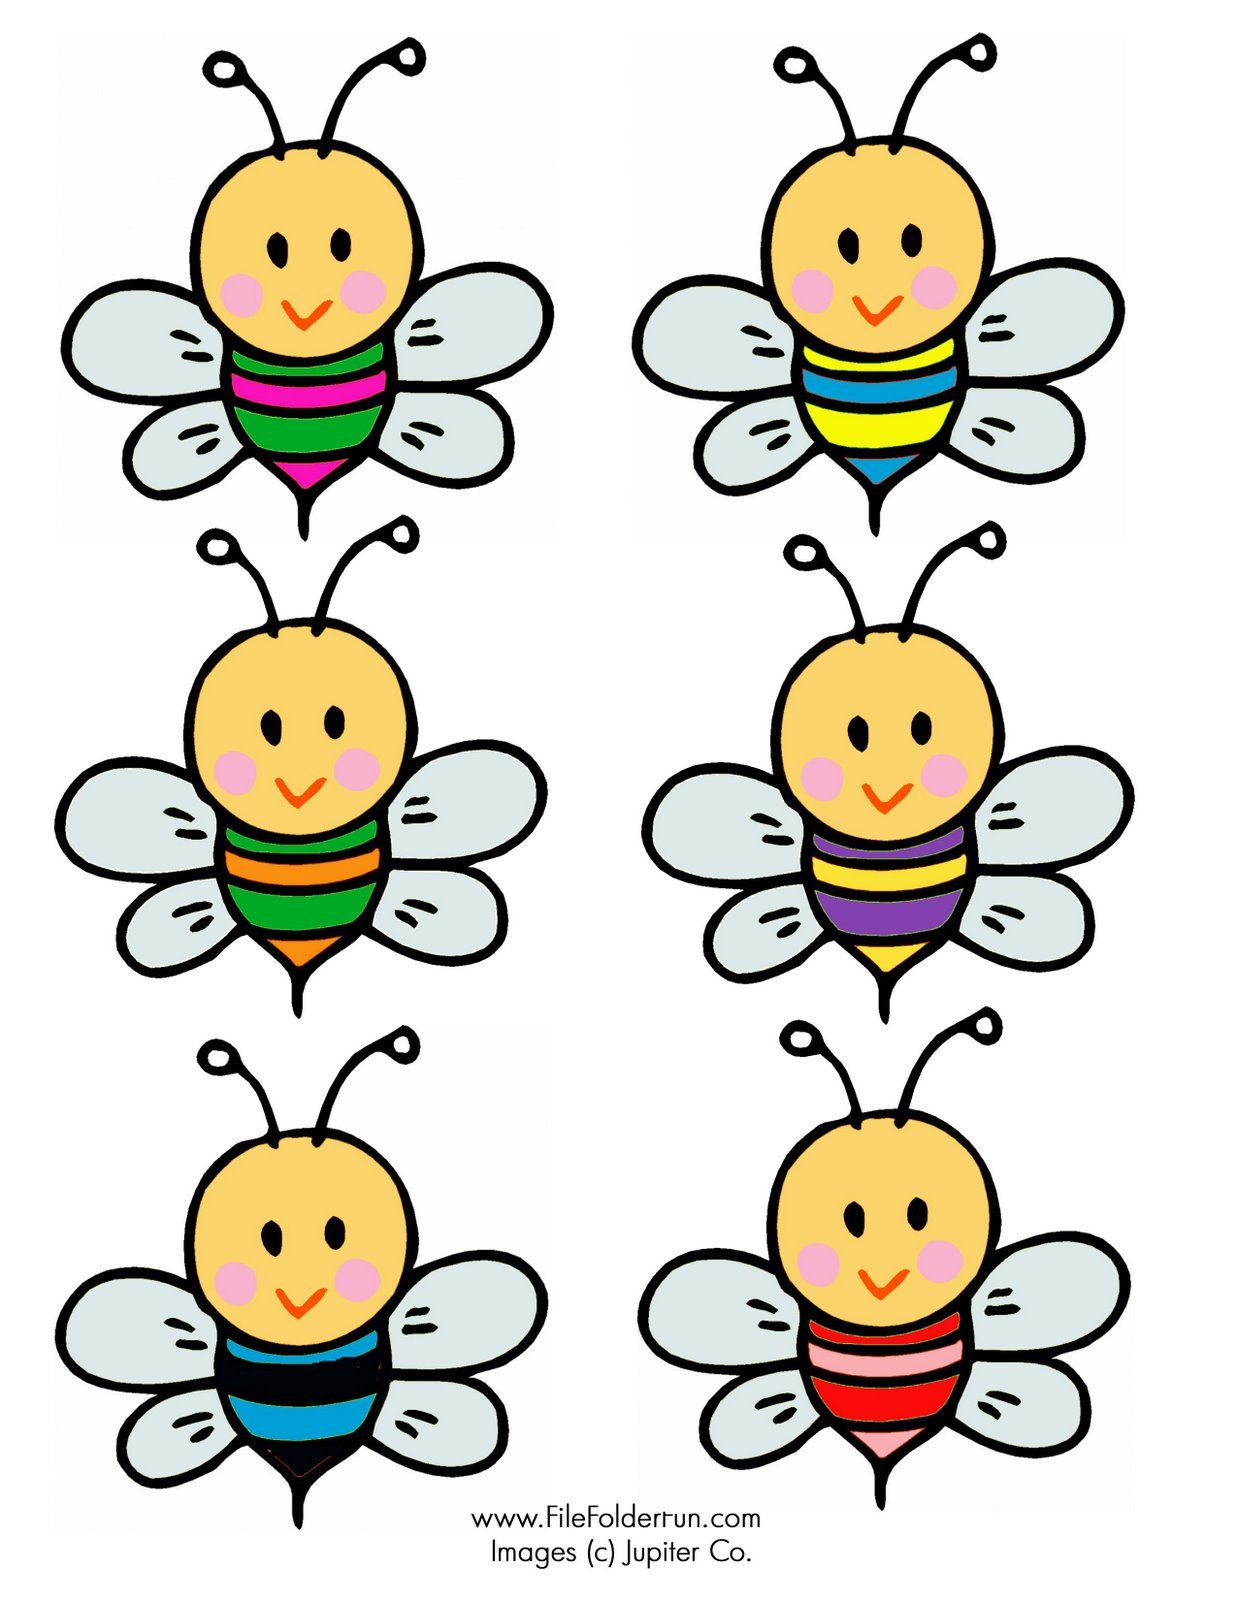 Albumarchívum (Mit Bildern) | Bienen, Insekten, Besondere Kinder für Bienen Bilder Zum Ausdrucken